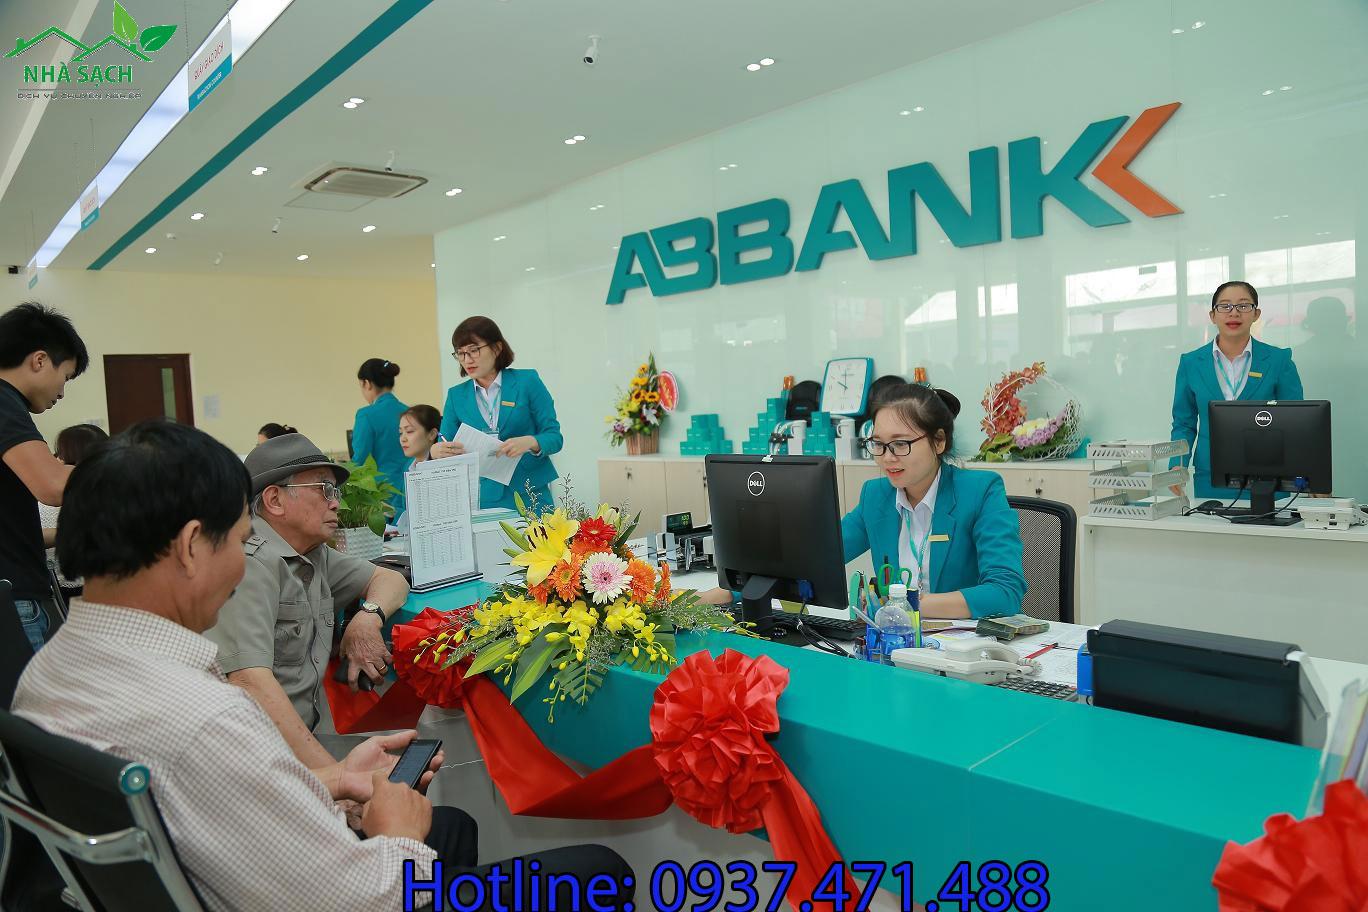 dịch vụ vệ sinh ngân hàng ABBank, dich vu ve sinh ngan hang ABBank